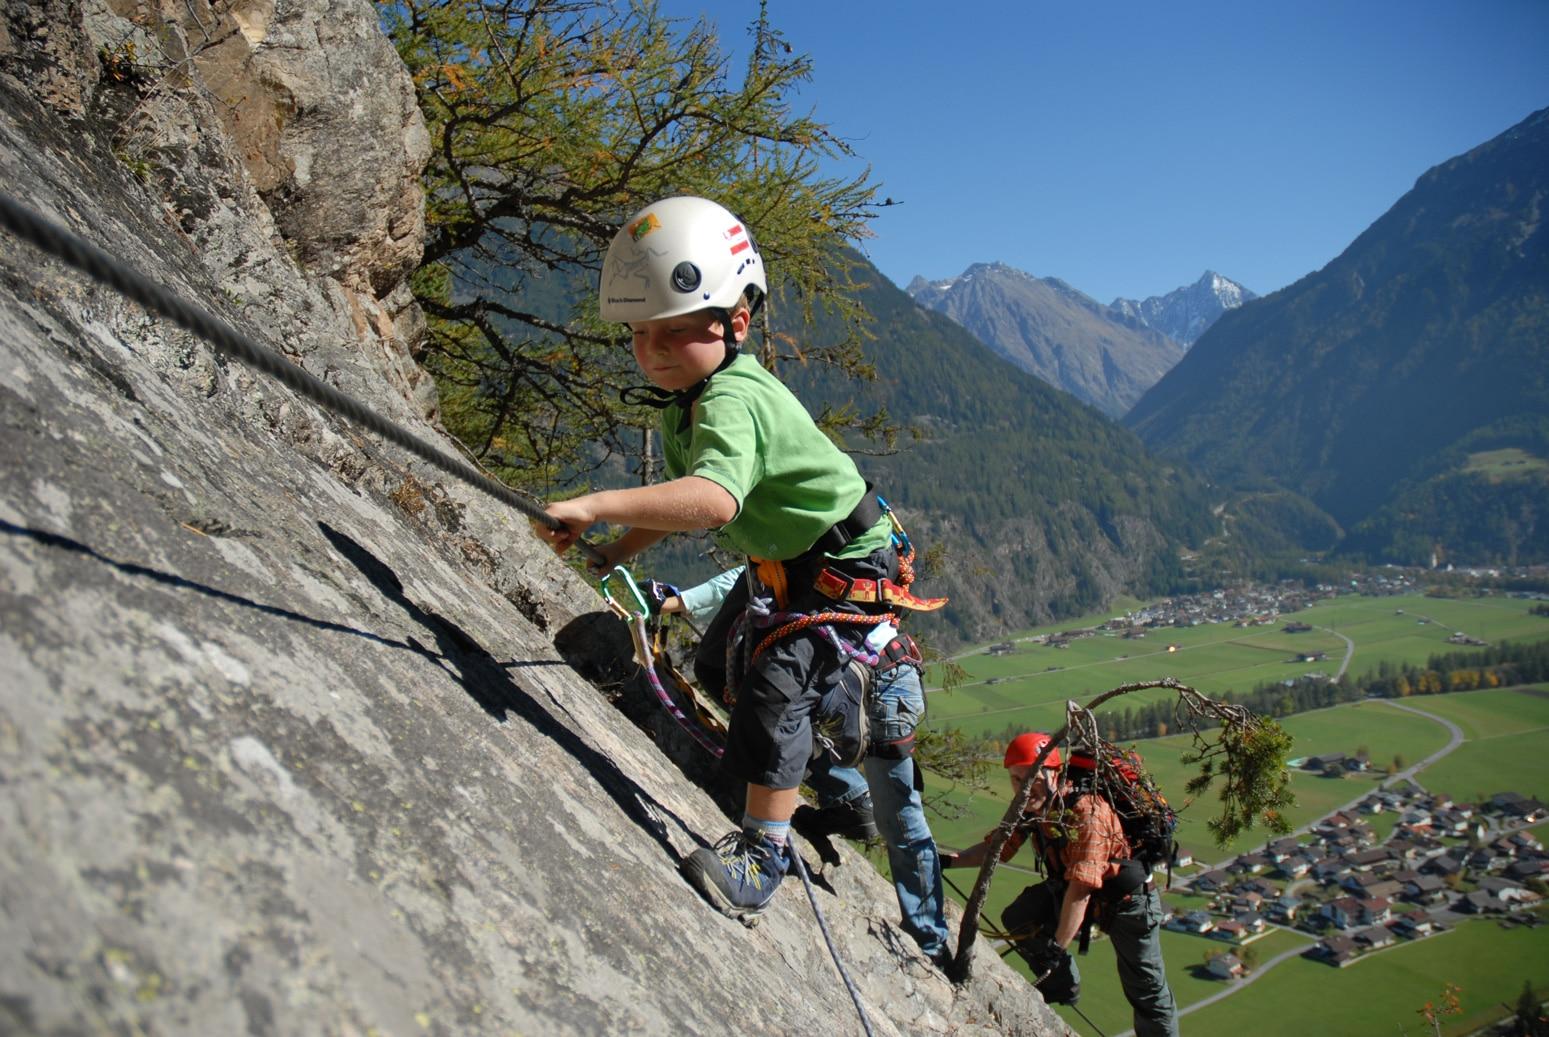 St Jodok Klettersteig : Ein test für die bergtauglichkeit tiroler tageszeitung online